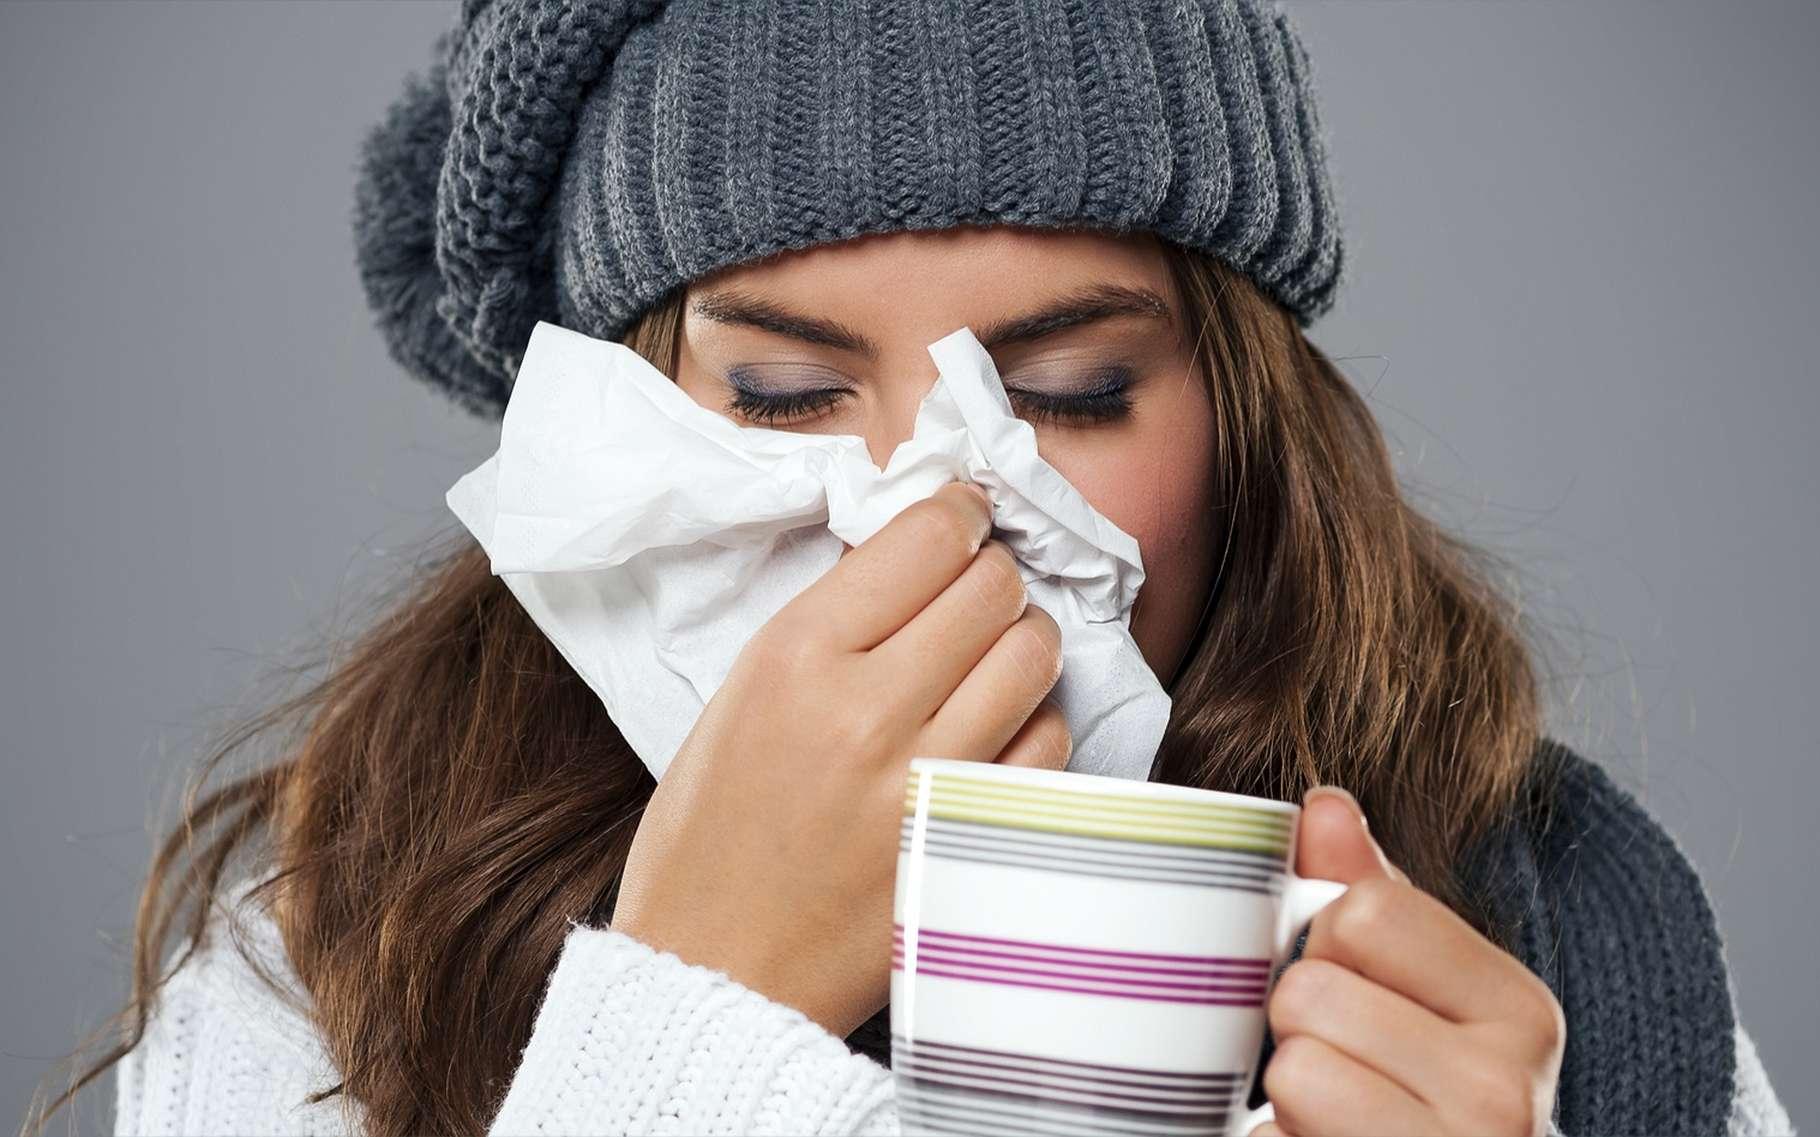 Les virus de la grippe entraînent le plus souvent une maladie bénigne, qui s'accompagne de fatigue, de fièvre, de toux ou de maux de tête. Une infection bactérienne supplémentaire peut parfois s'avérer mortelle. © gpointstudio, Shutterstock